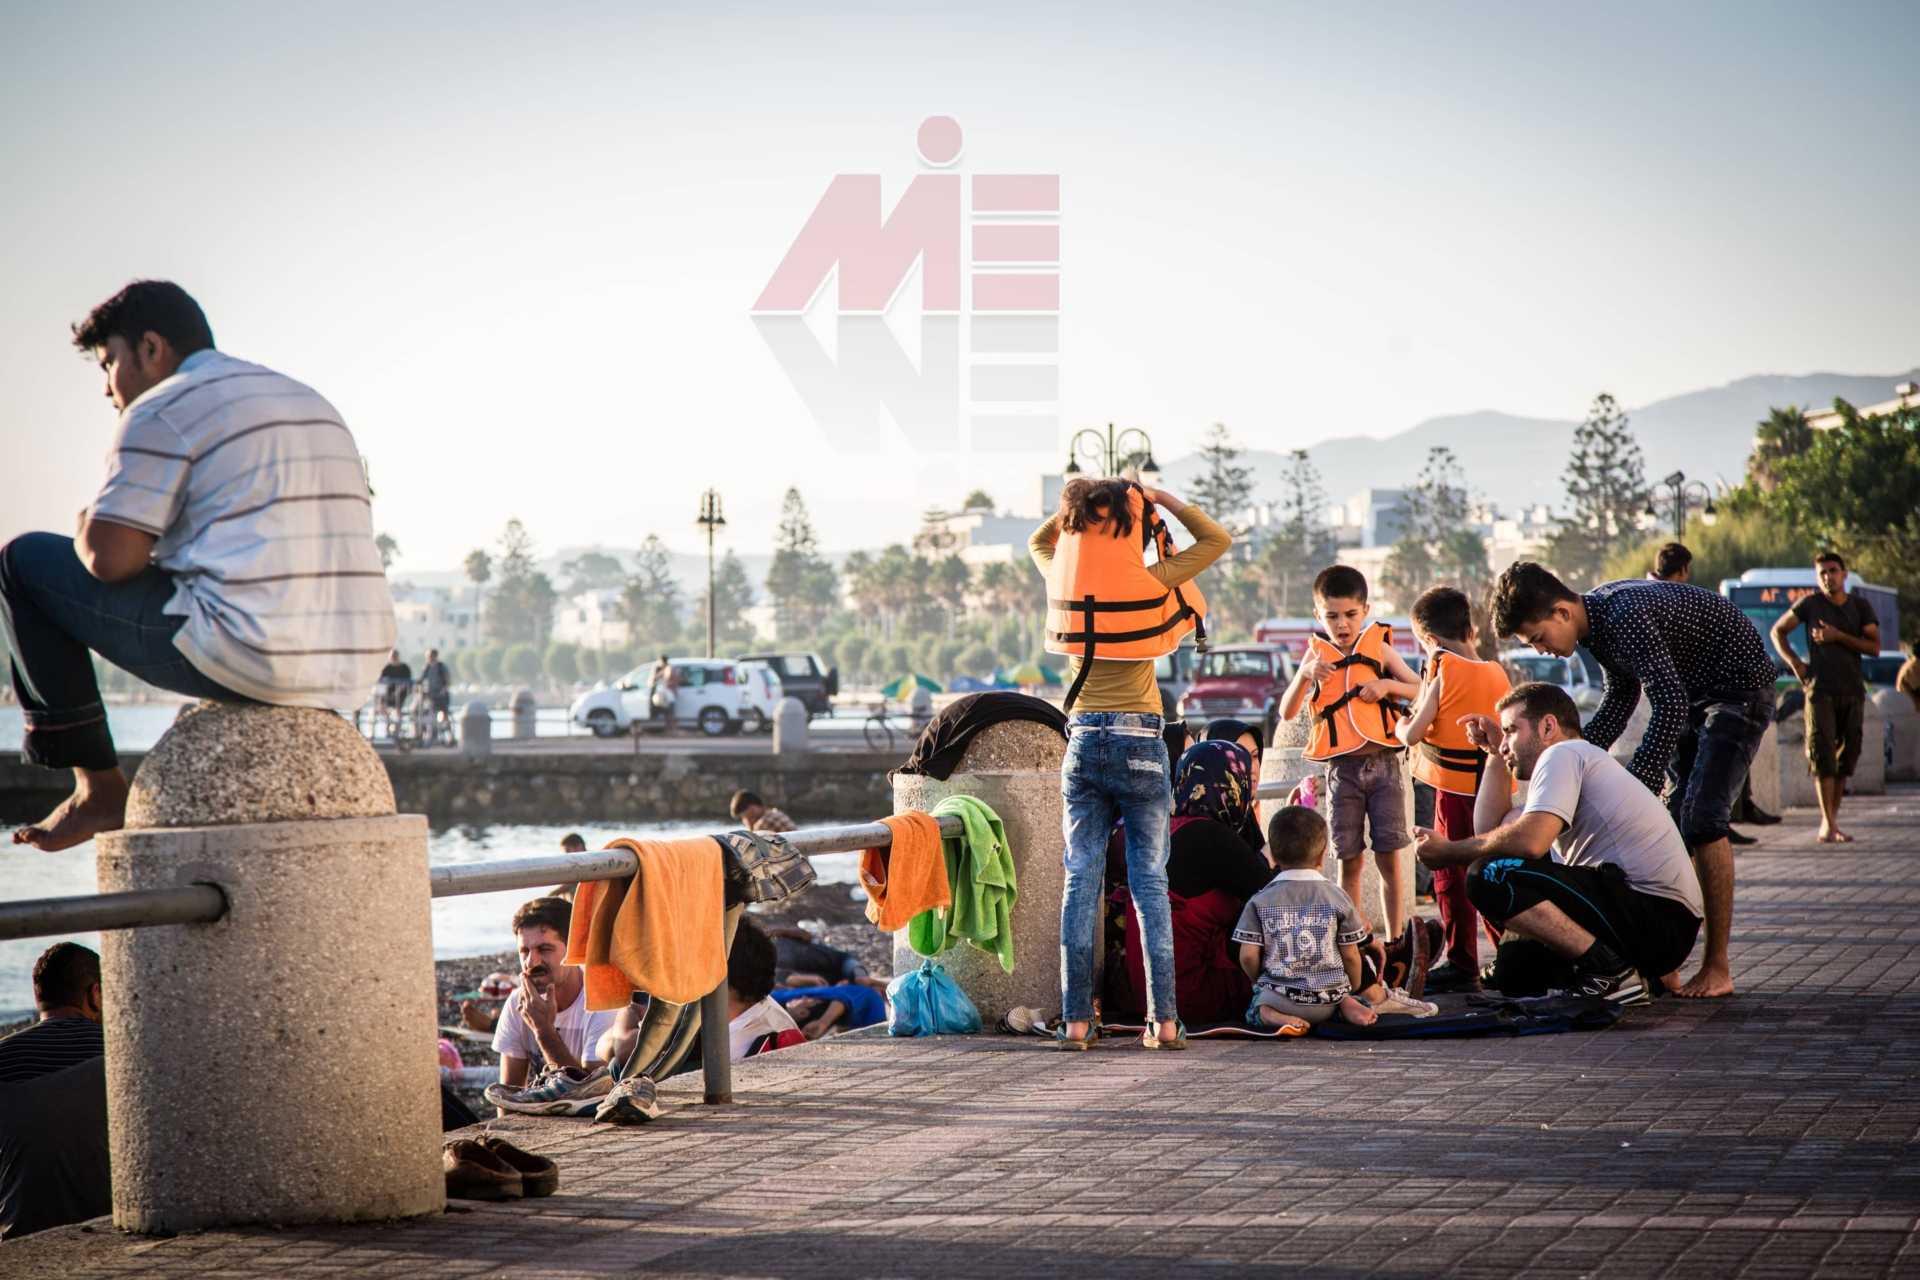 71797b8b793c0f864b29aff06b48a655 شرایط پناهندگی در یونان